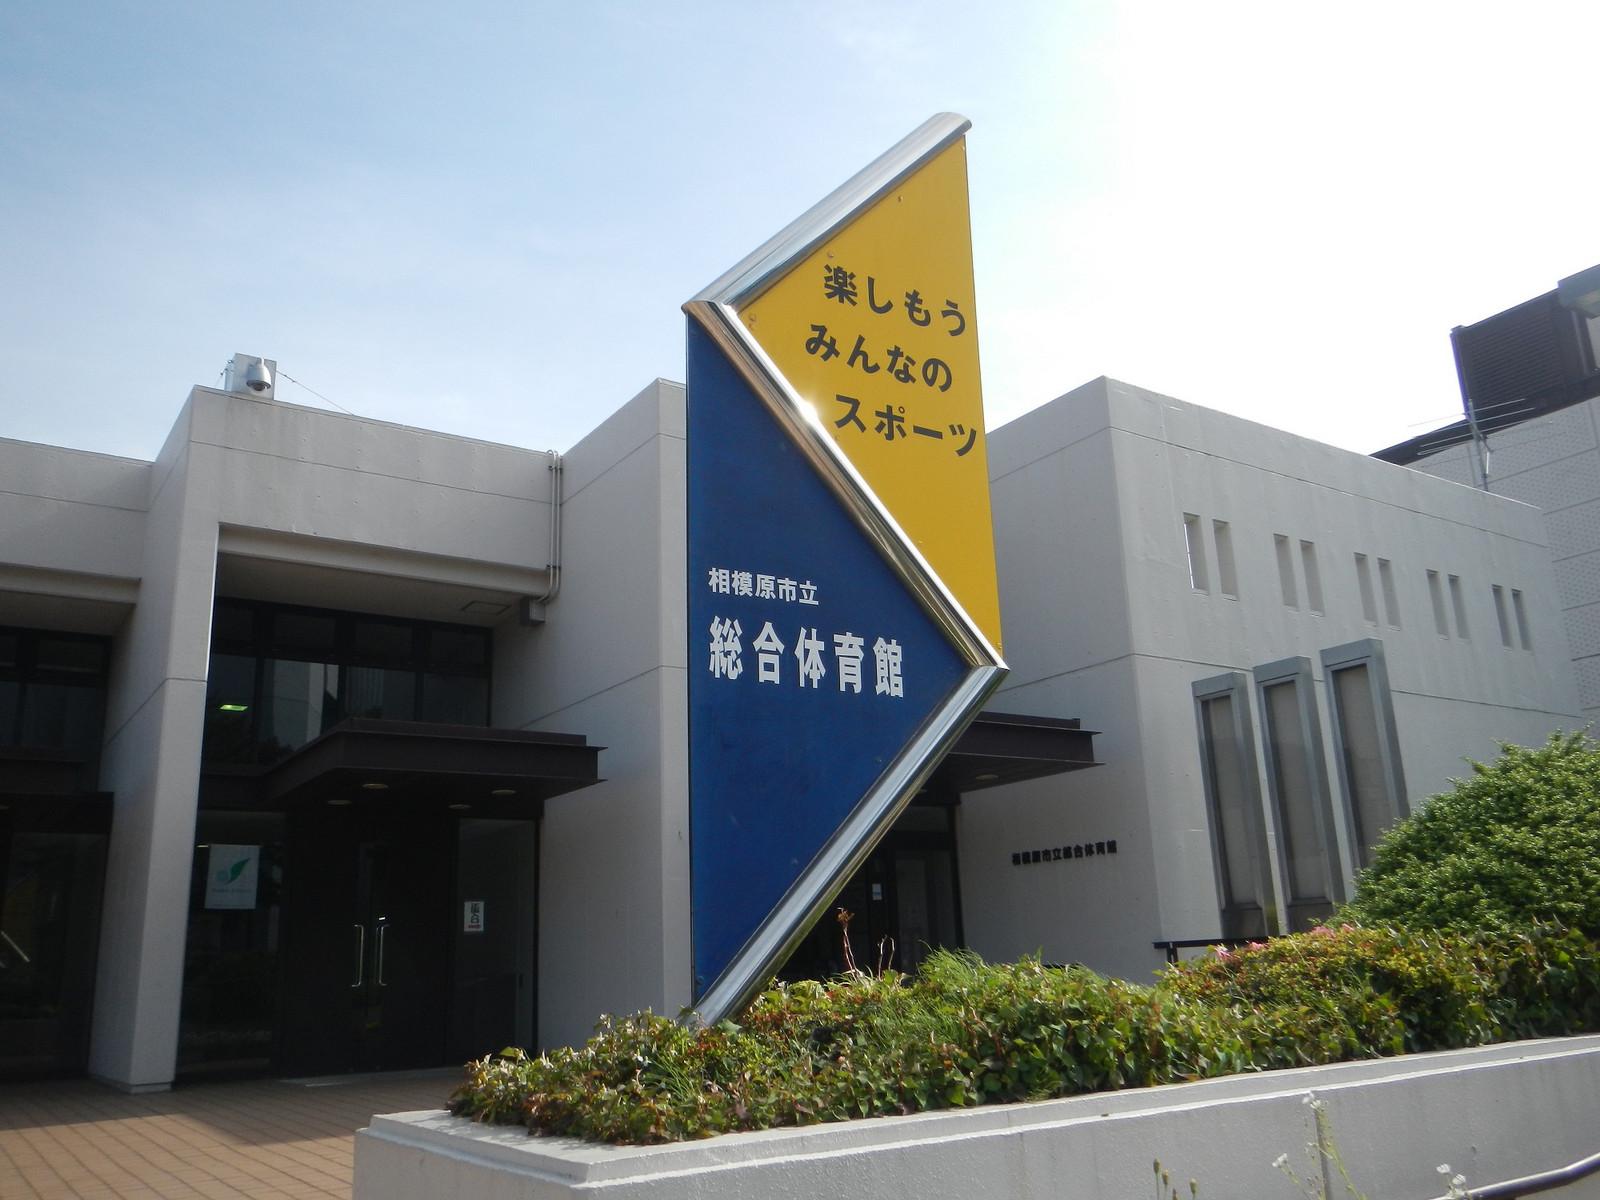 Dscn0083p1